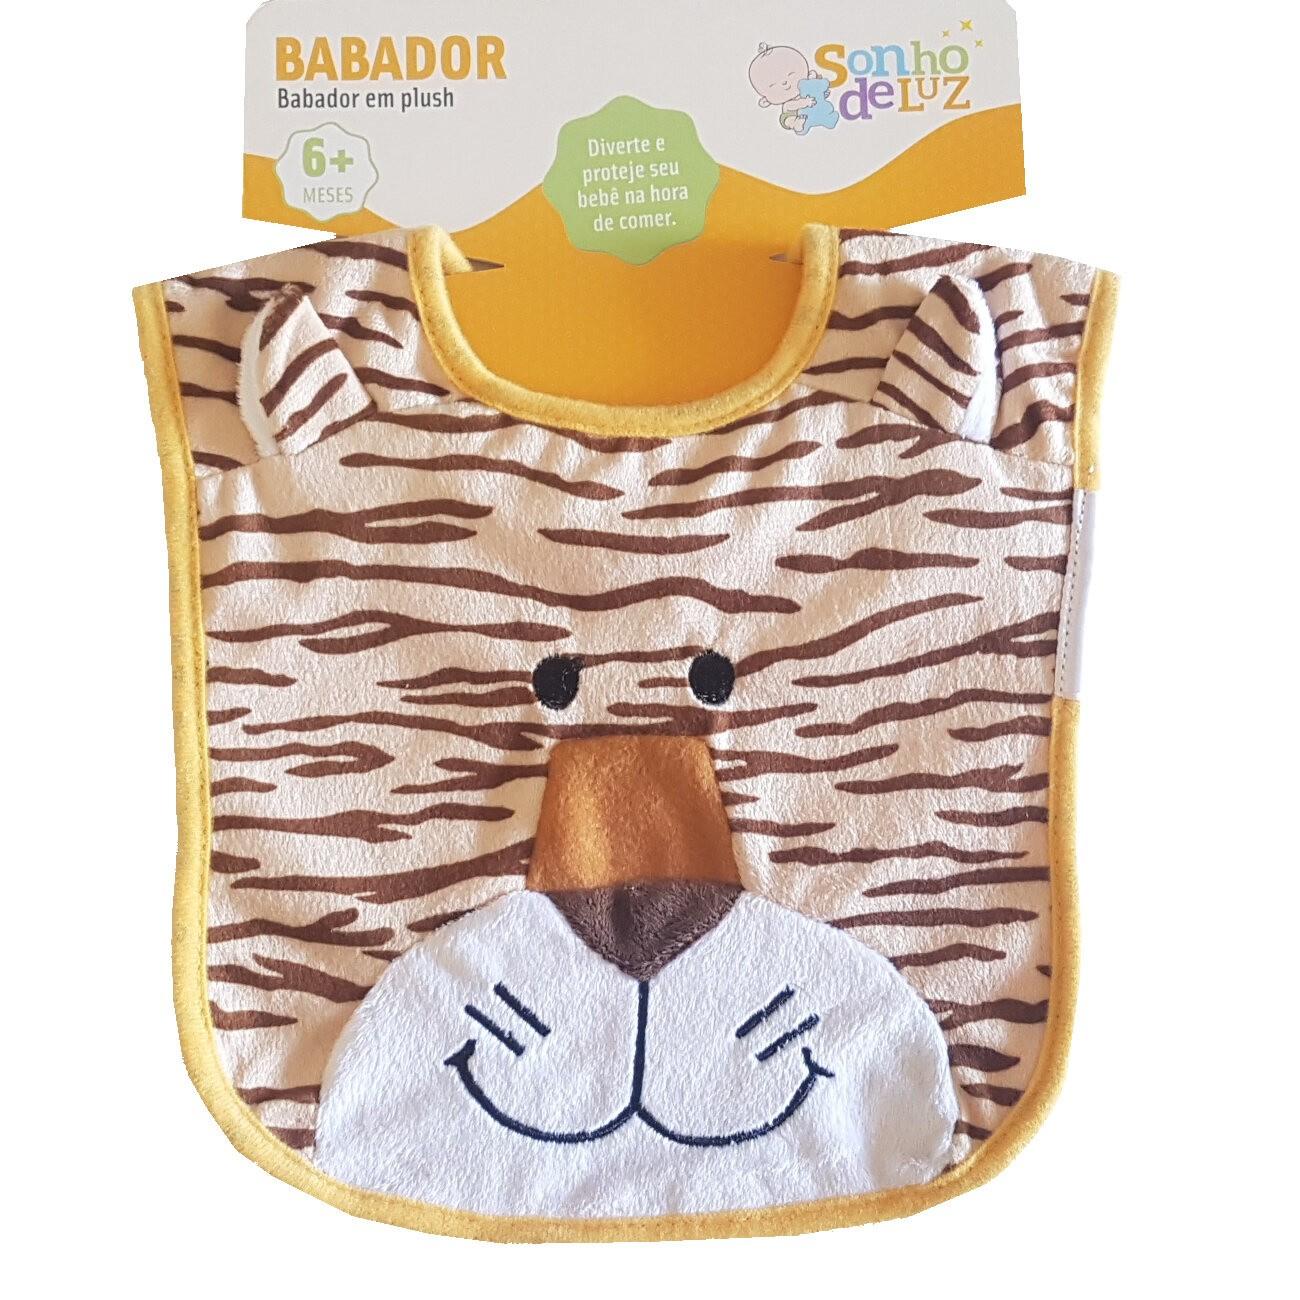 Babador de Bebê Tigre Sonho de Luz